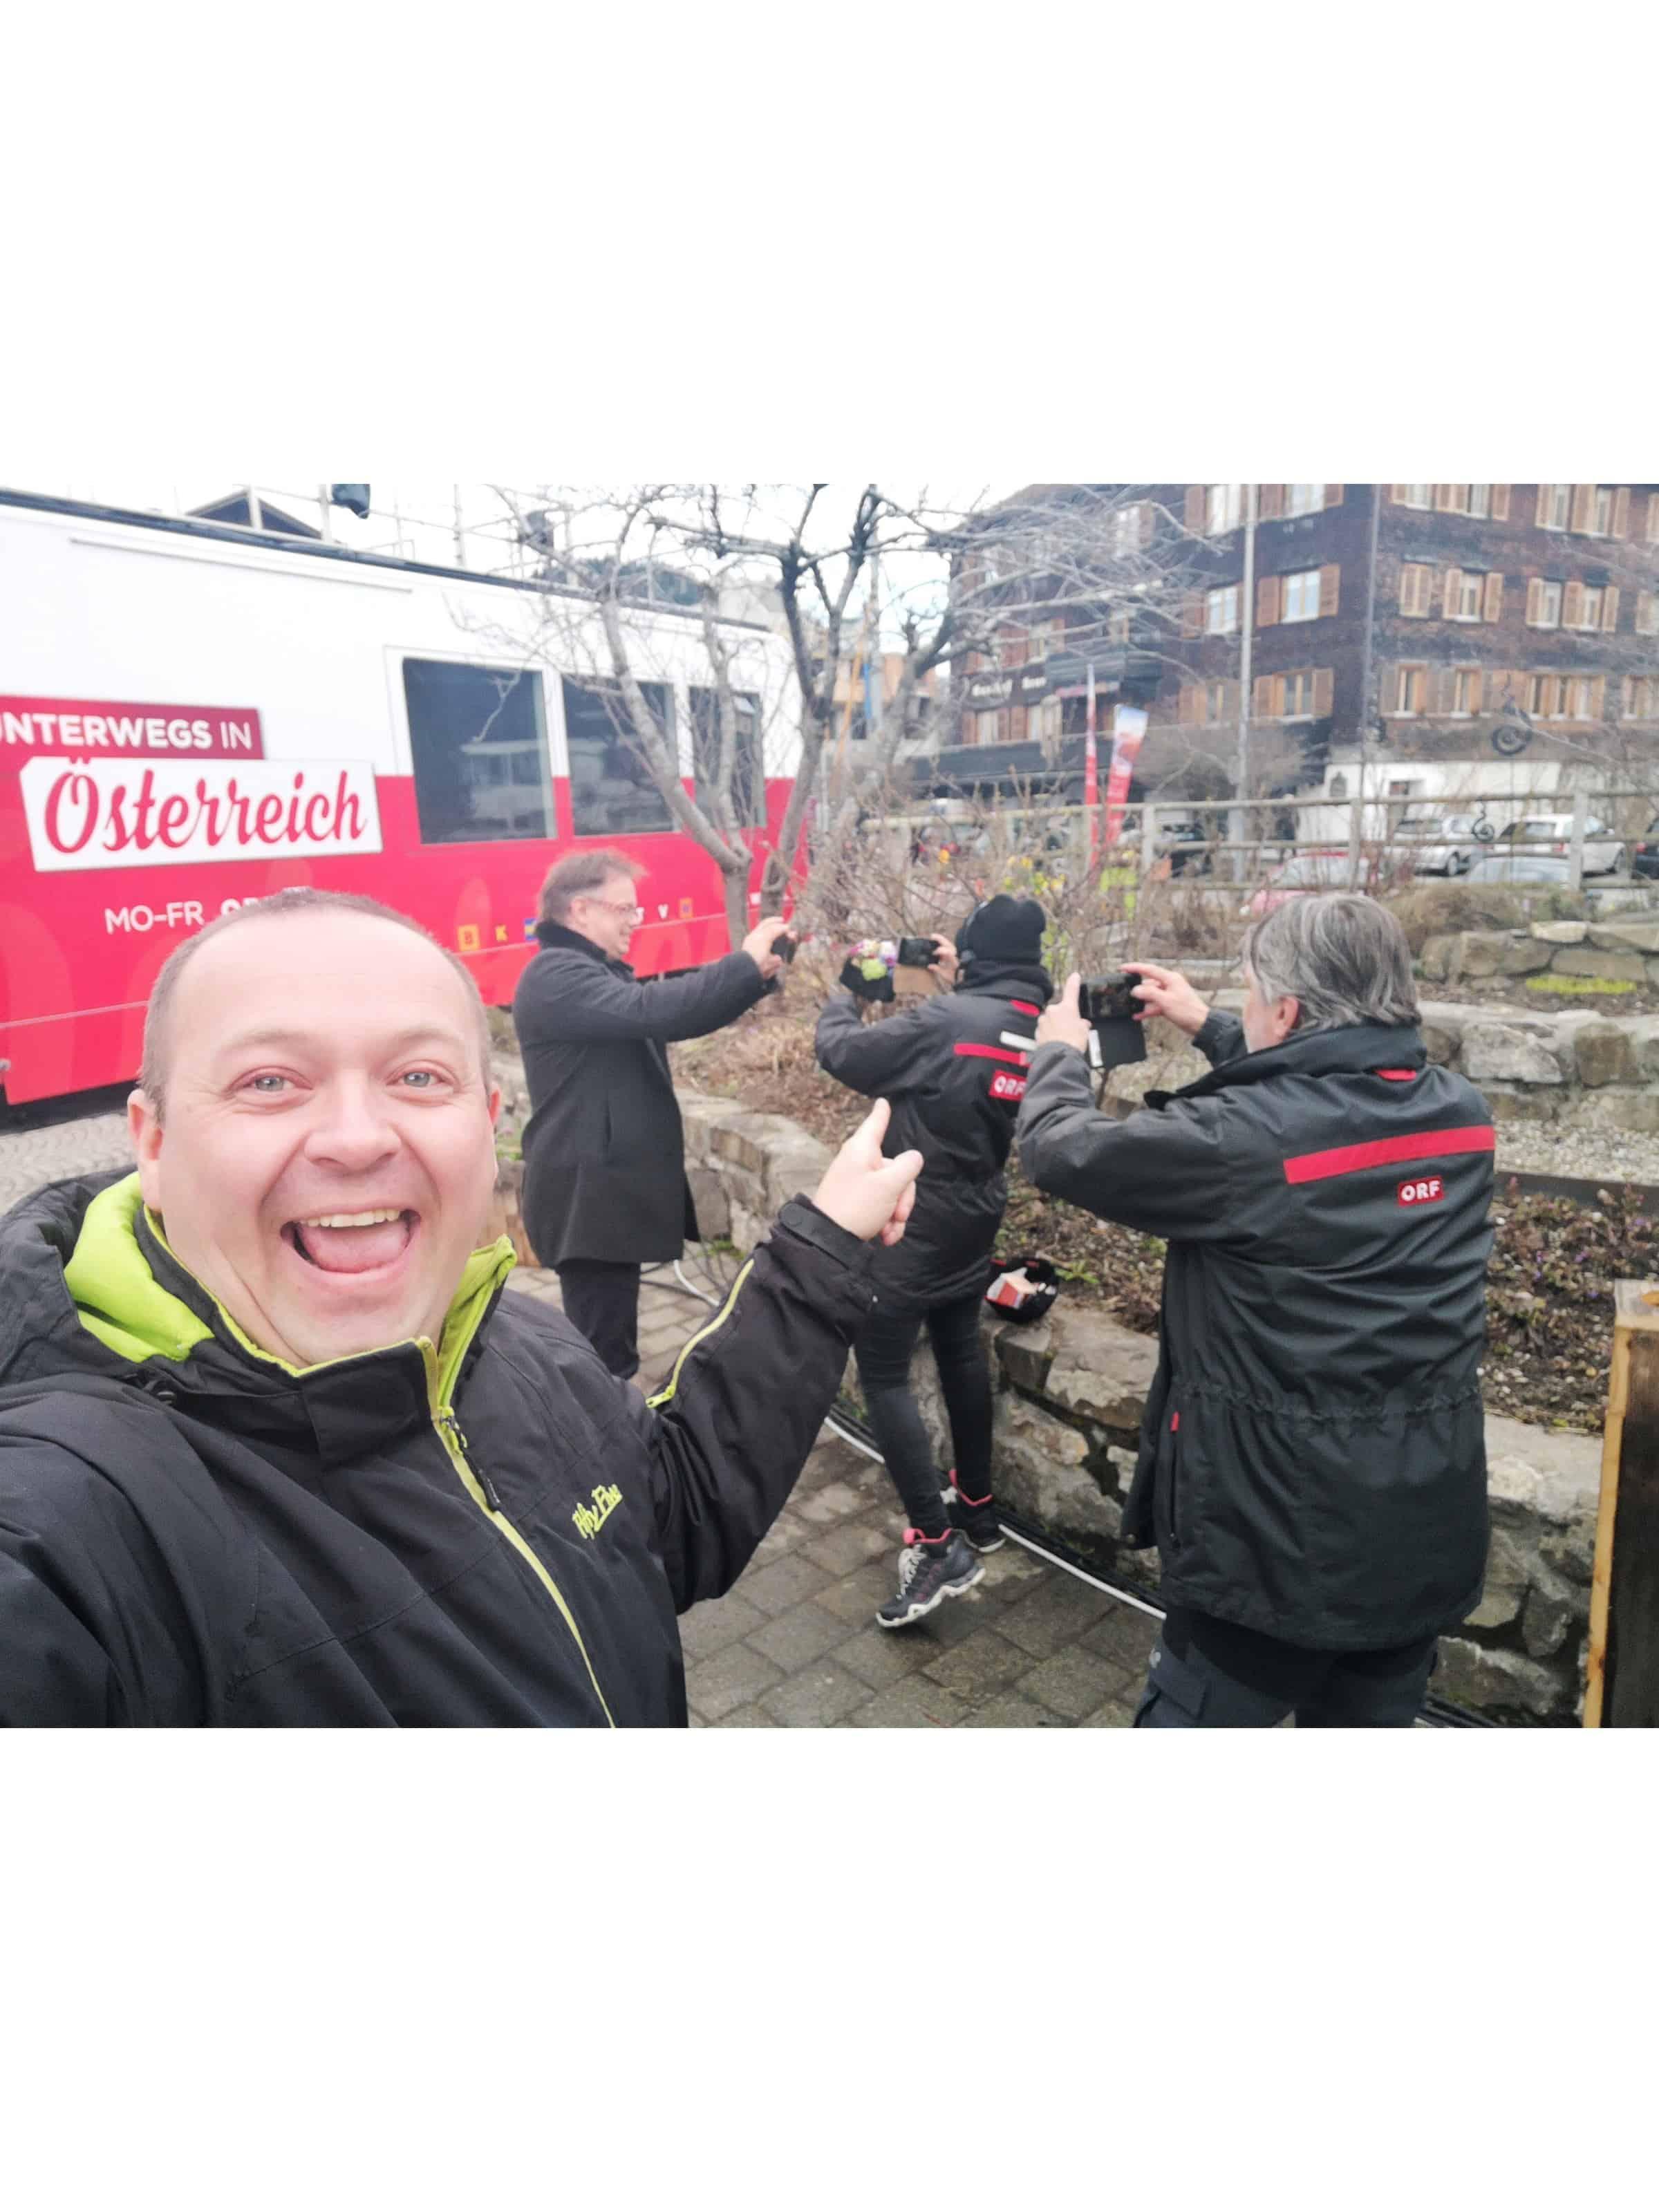 andreas felder kameramann ORF Guten Morgen Österreich ORF Daheim in Österreich 30 30.03.2018 09 30 38 - ORF Unterwegs in Österreich